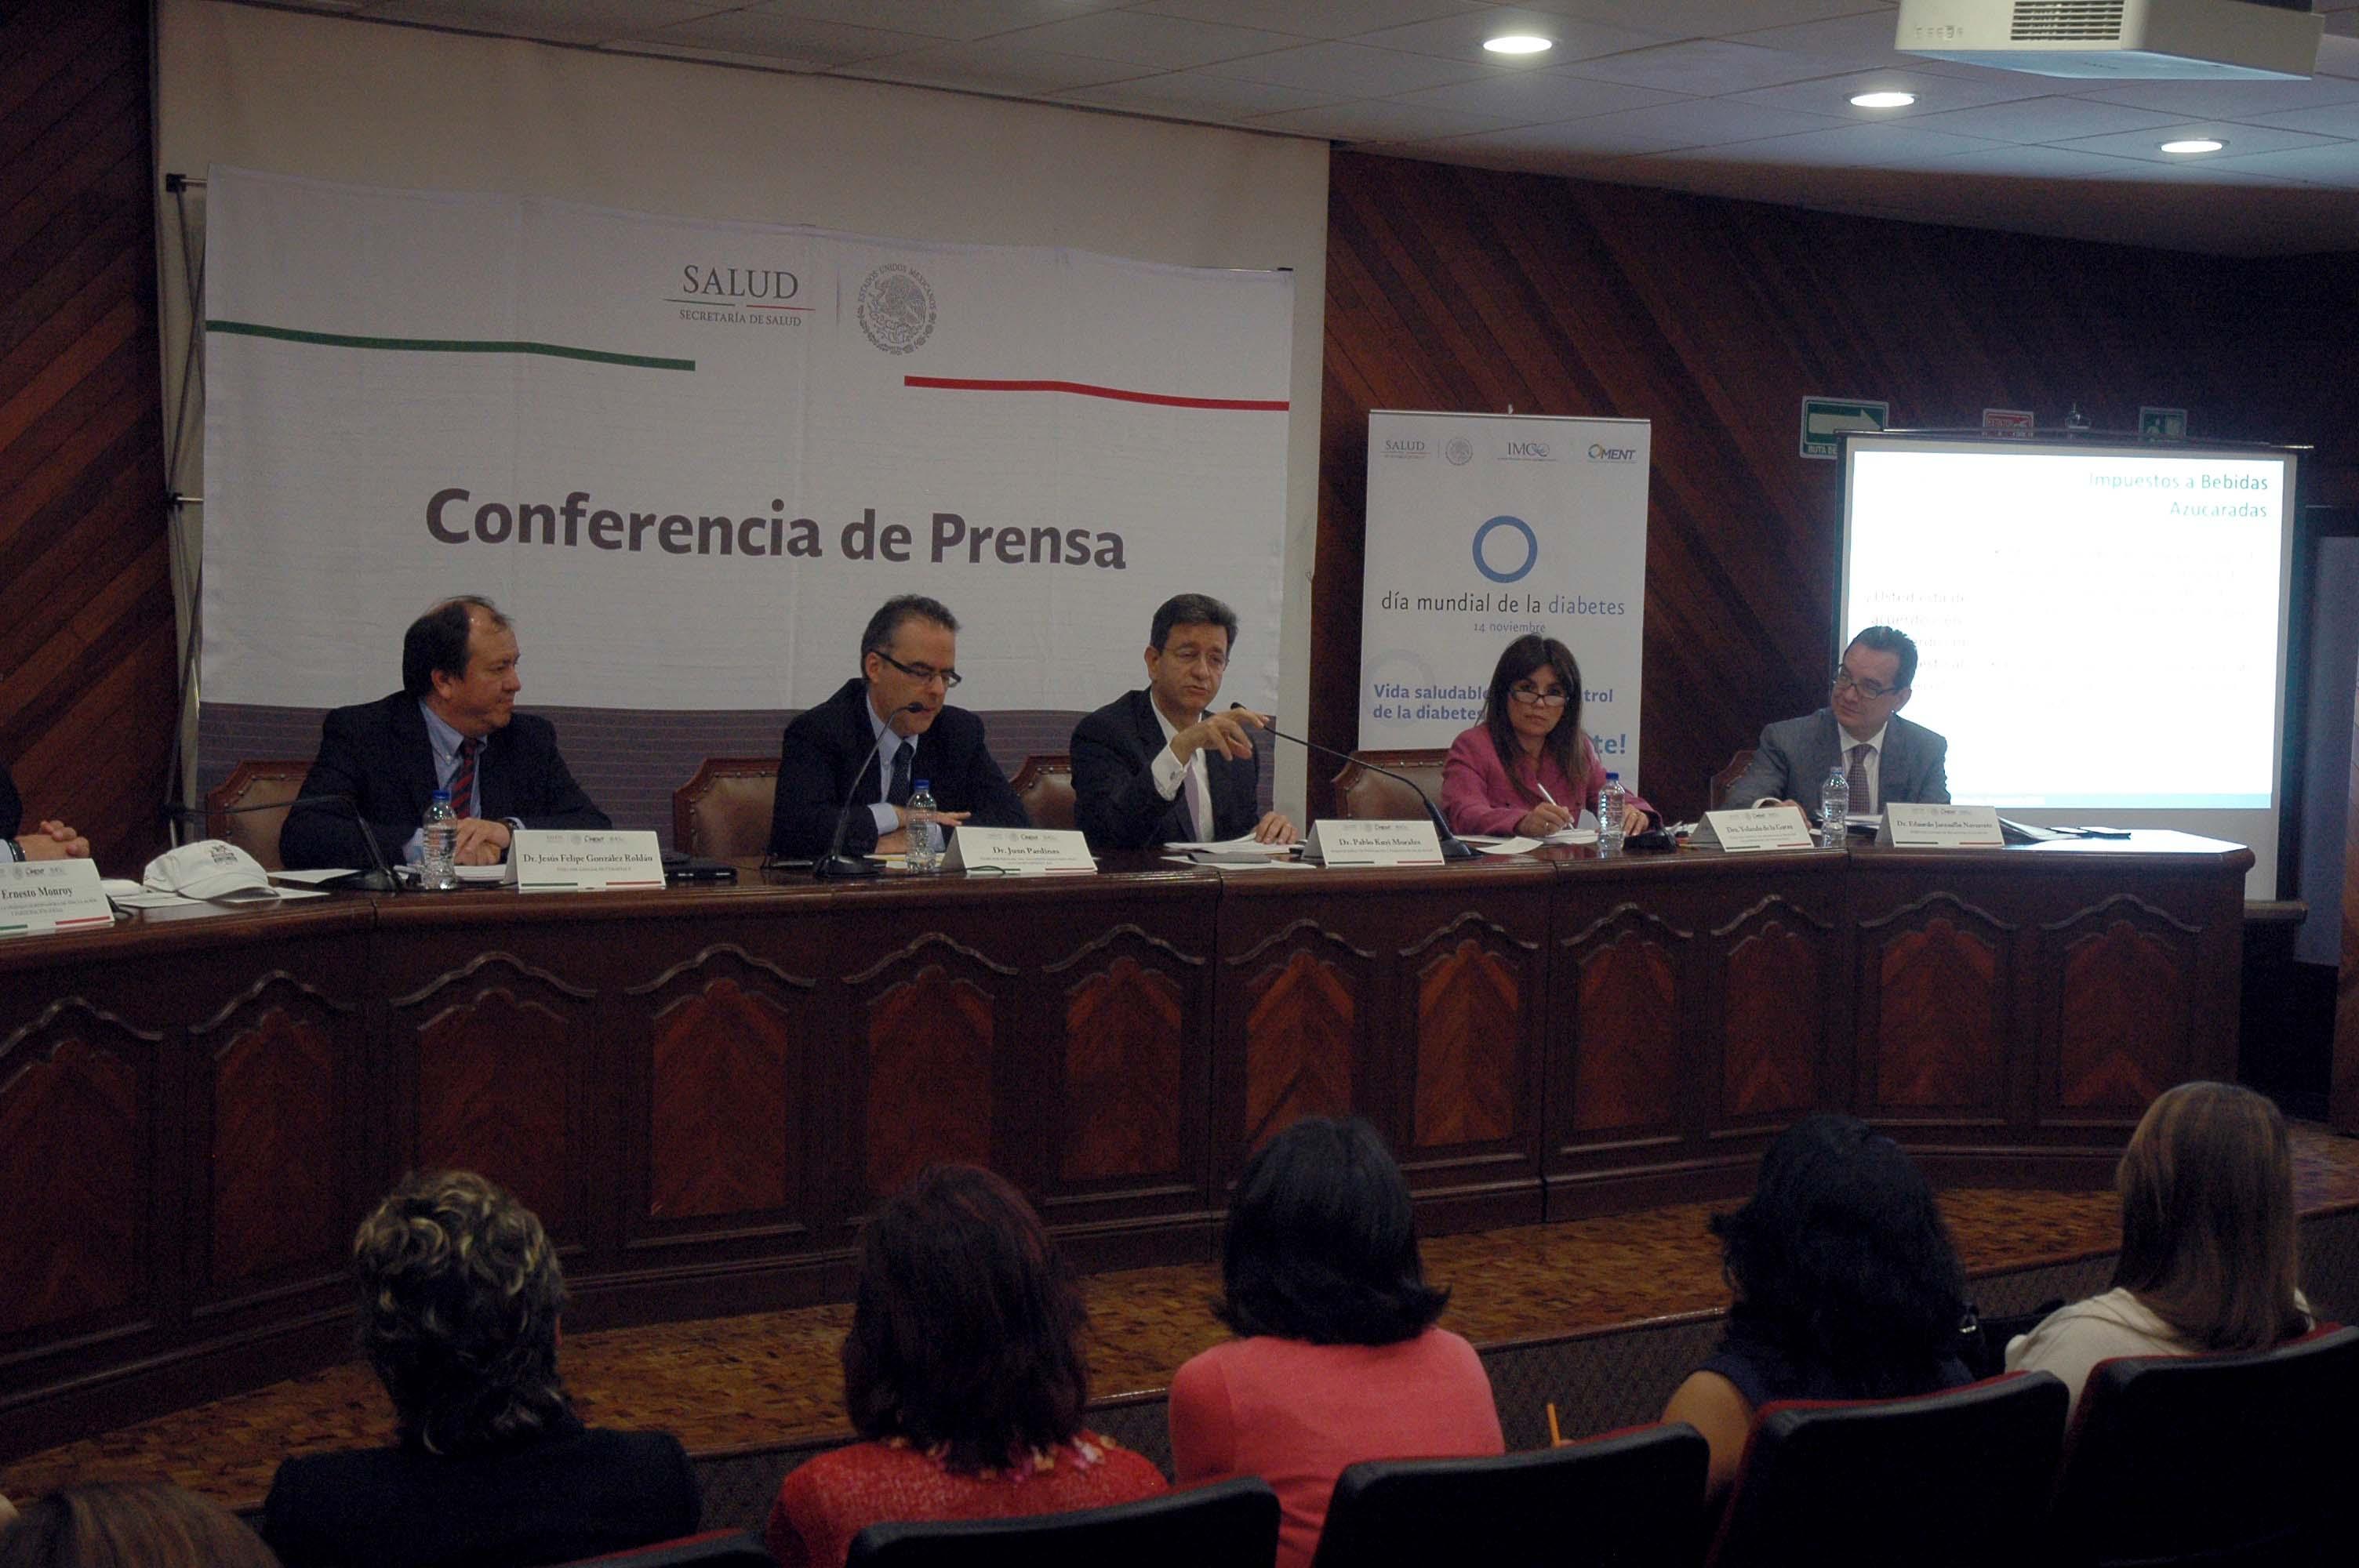 El 95 por ciento de los casos de diabetes en México son del tipo 2 y afecta al 9.2 por ciento de la población del país.